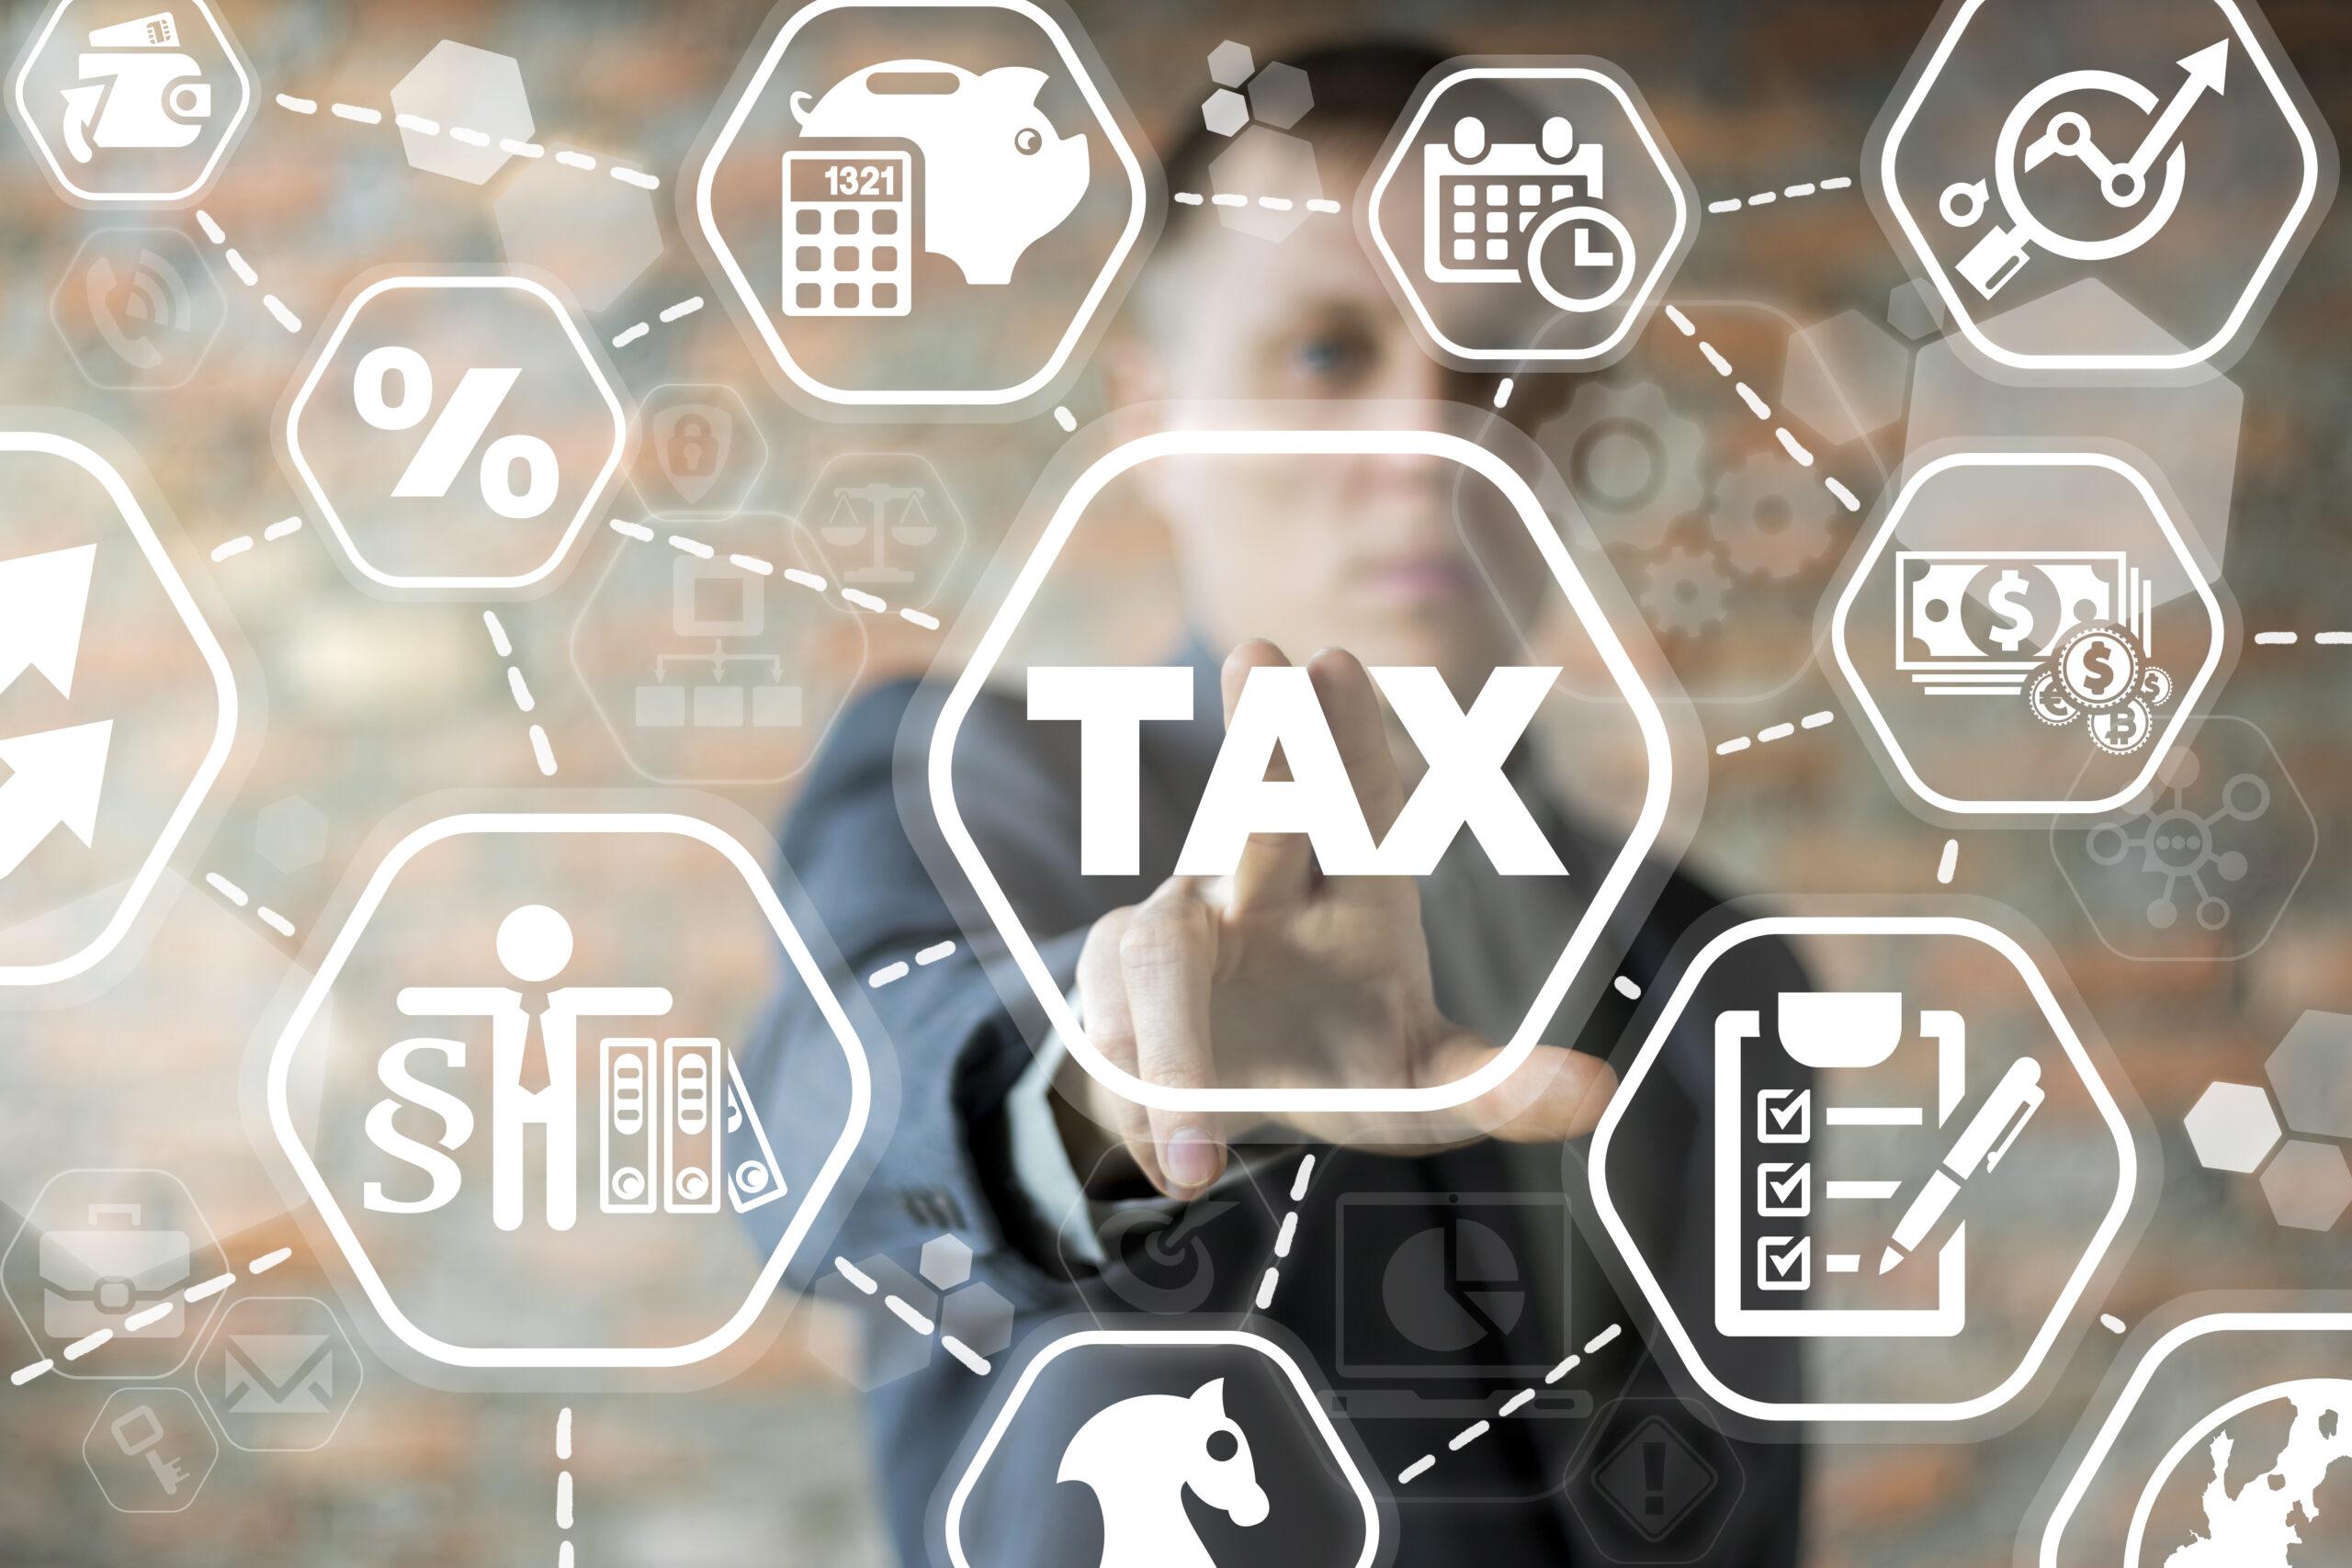 工事請負契約書で使用する収入印紙とは?役割から税額まで解説